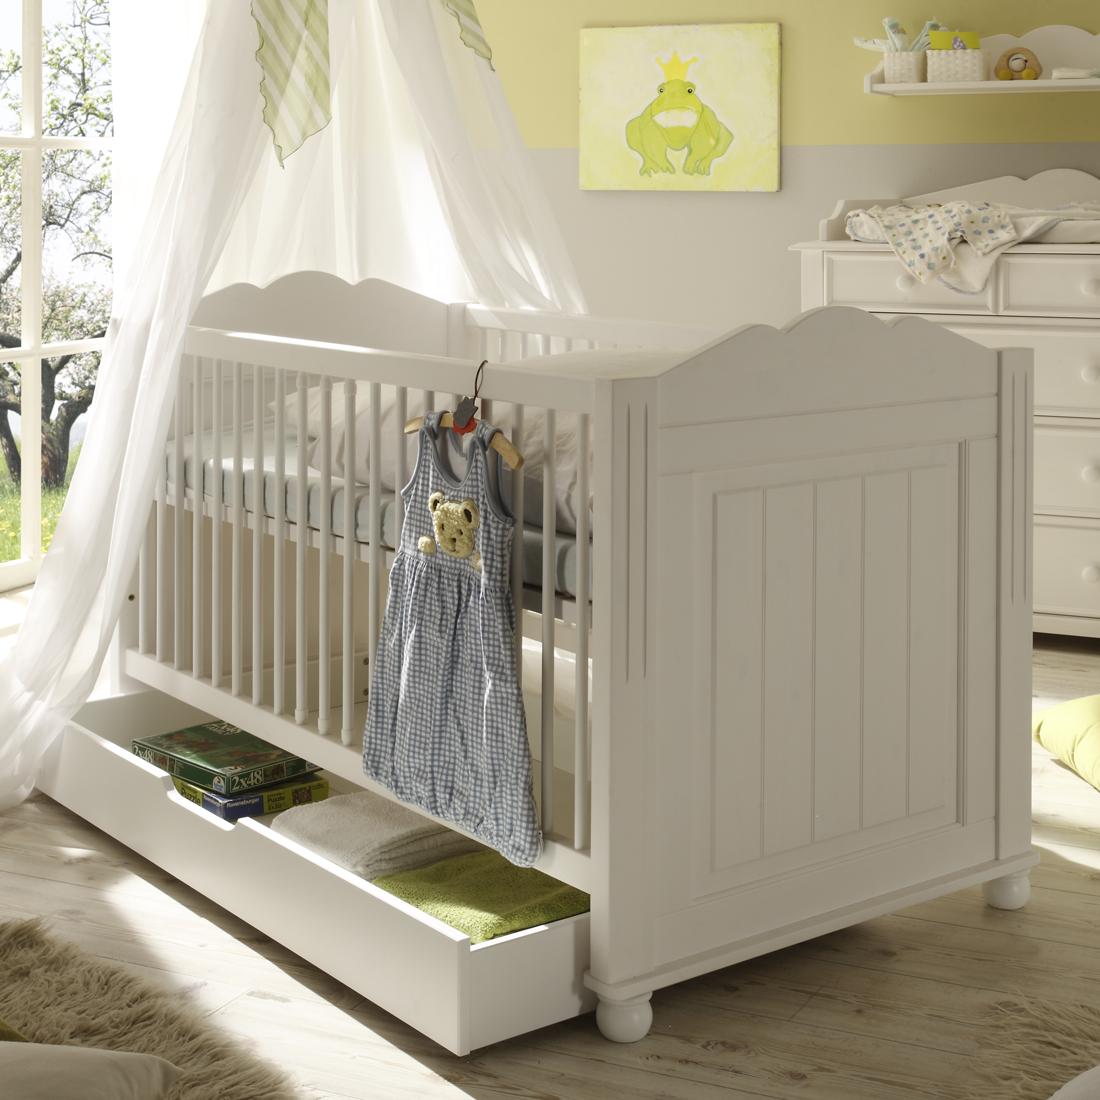 Patut din lemn de pin si pal, cu sertar pentru bebe Pallas Junior Alb, 140 x 70 cm